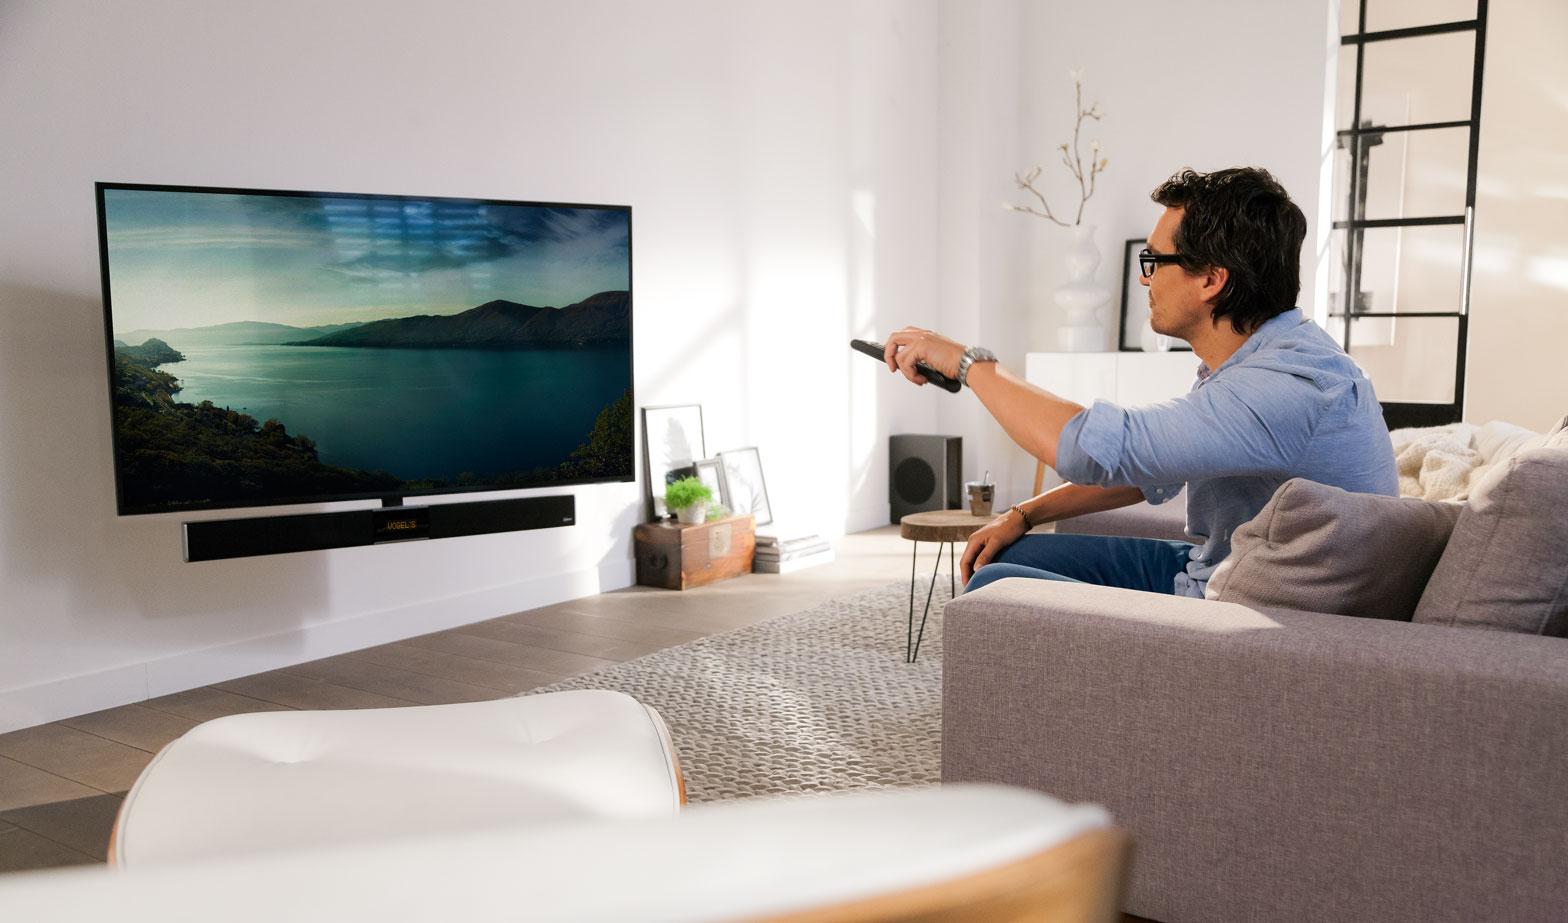 MotionSoundMount: elektrische tv muurbeugel met geïntegreerde soundbar en draadloze subwoofer